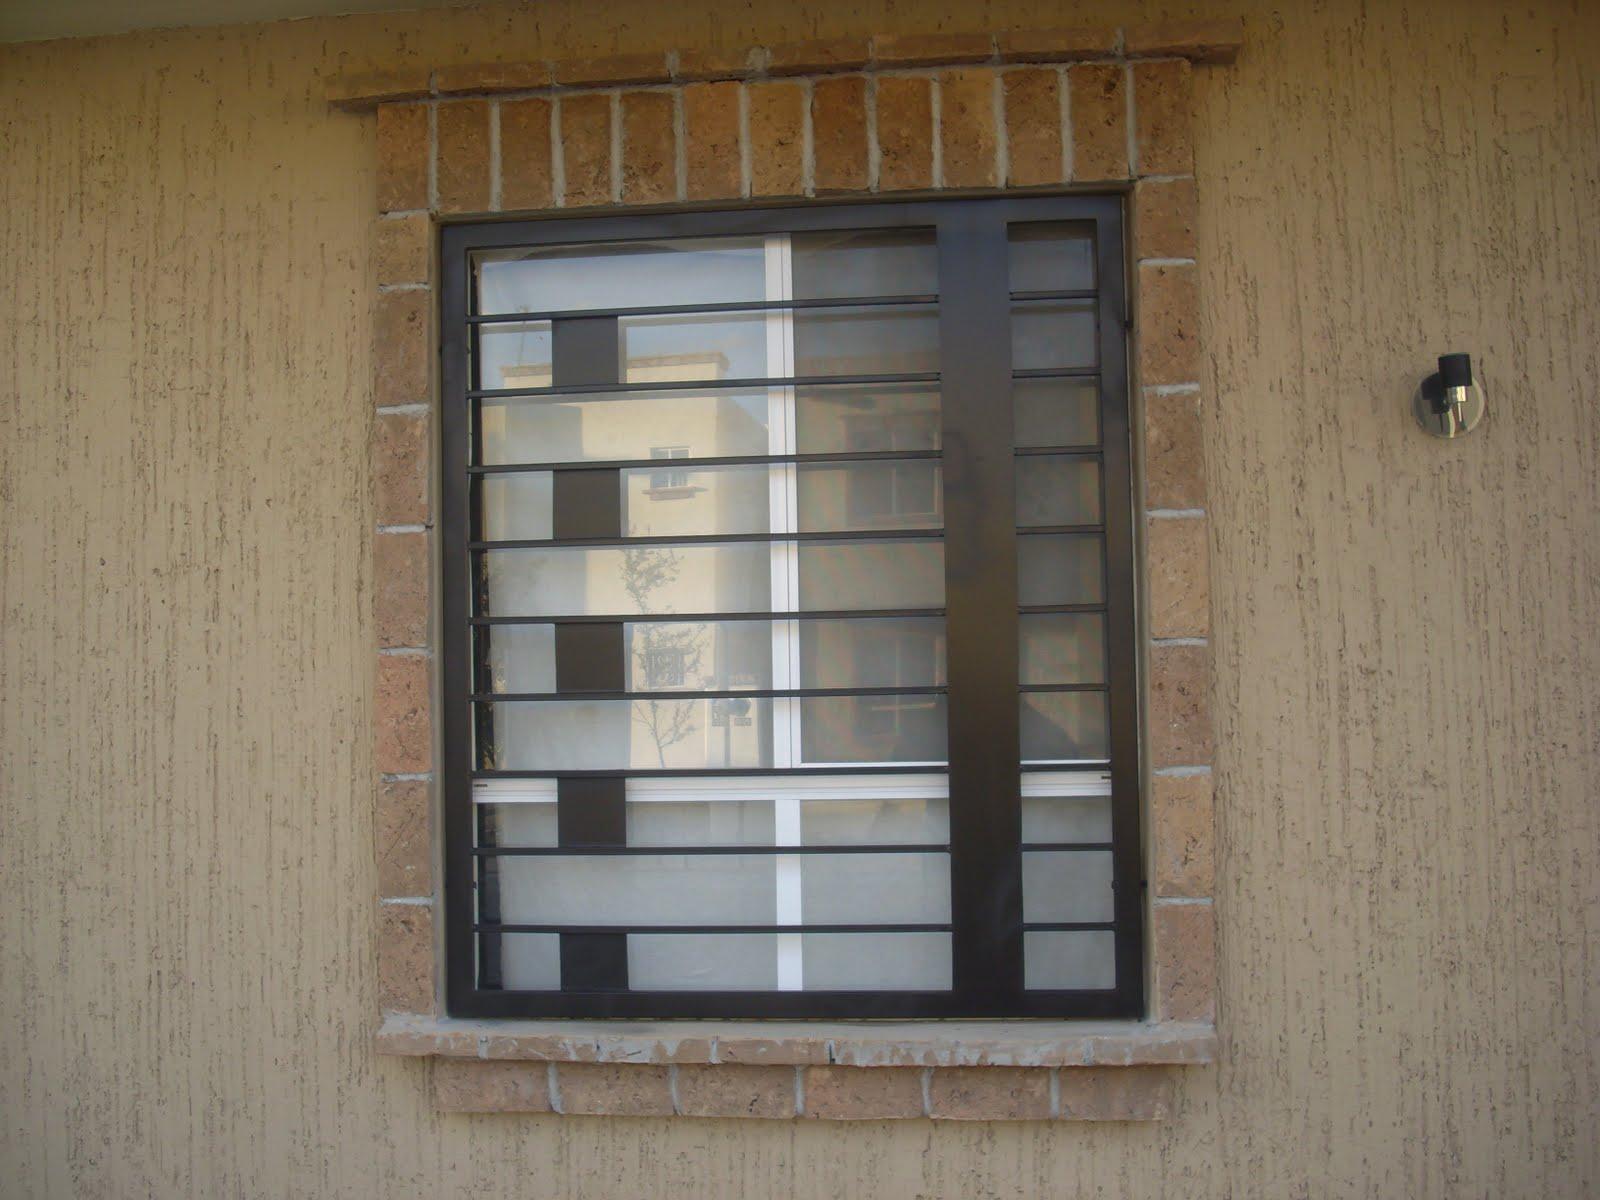 Protectores para ventana RP-009